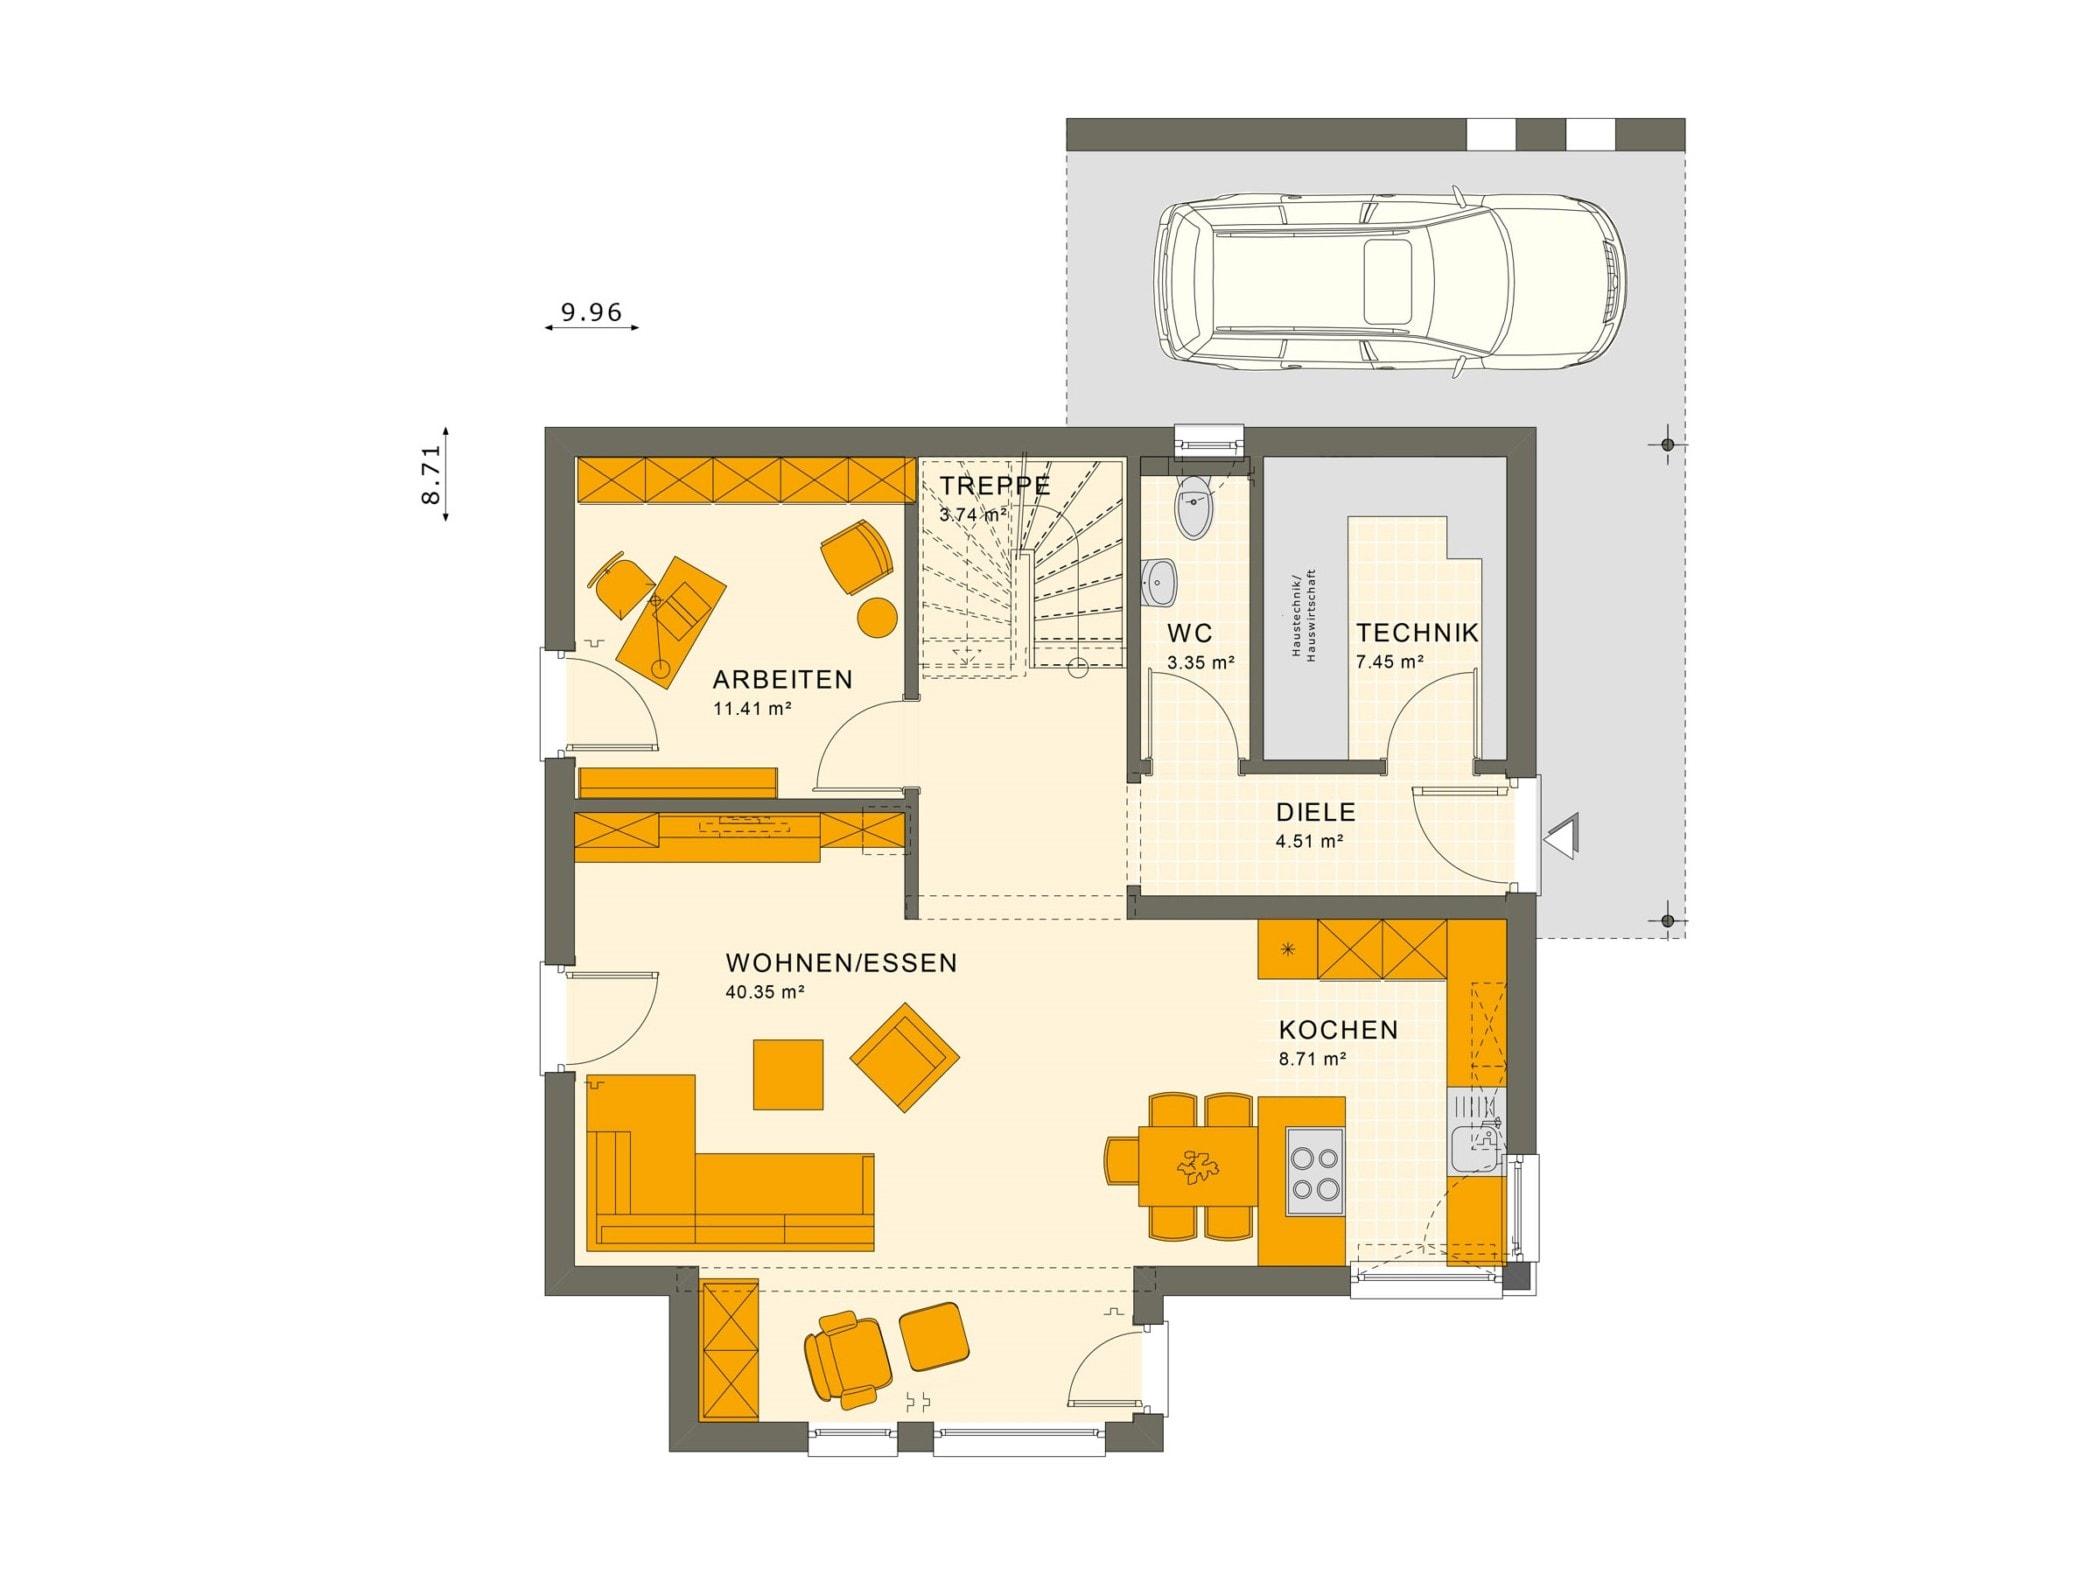 Einfamilienhaus Grundriss Erdgeschoss mit Carport & Erker, 5 Zimmer, 145 qm - Living Haus Fertighaus SUNSHINE 143 V5 - HausbauDirekt.de